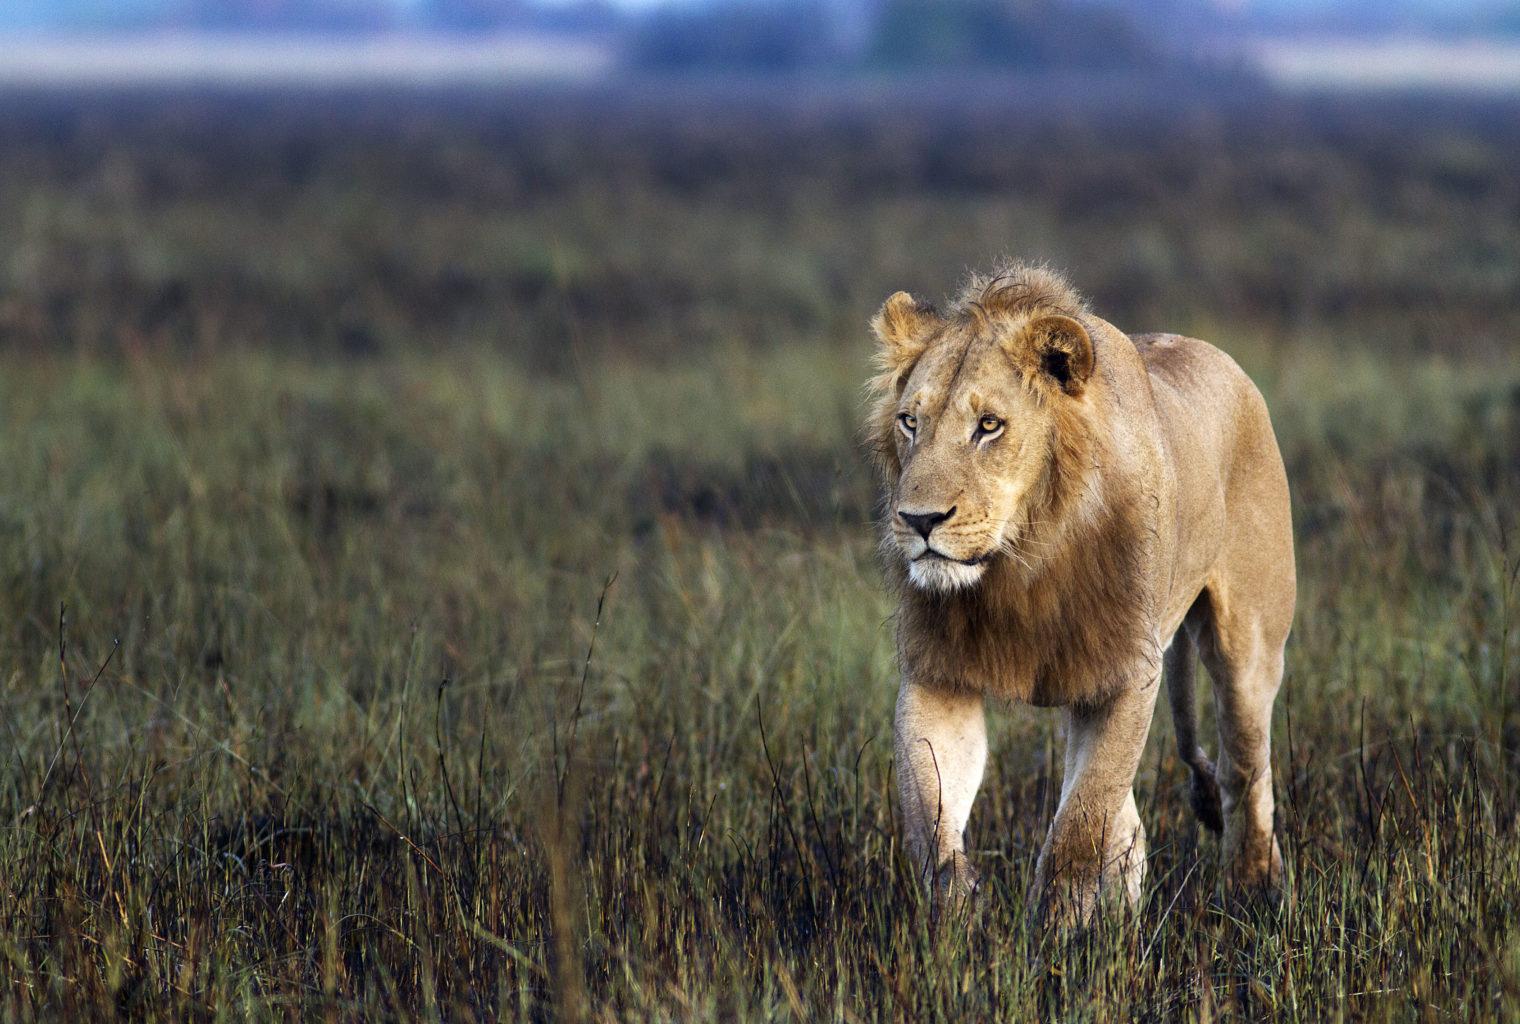 Botswana, Okavango Delta, Kwetsani Lion